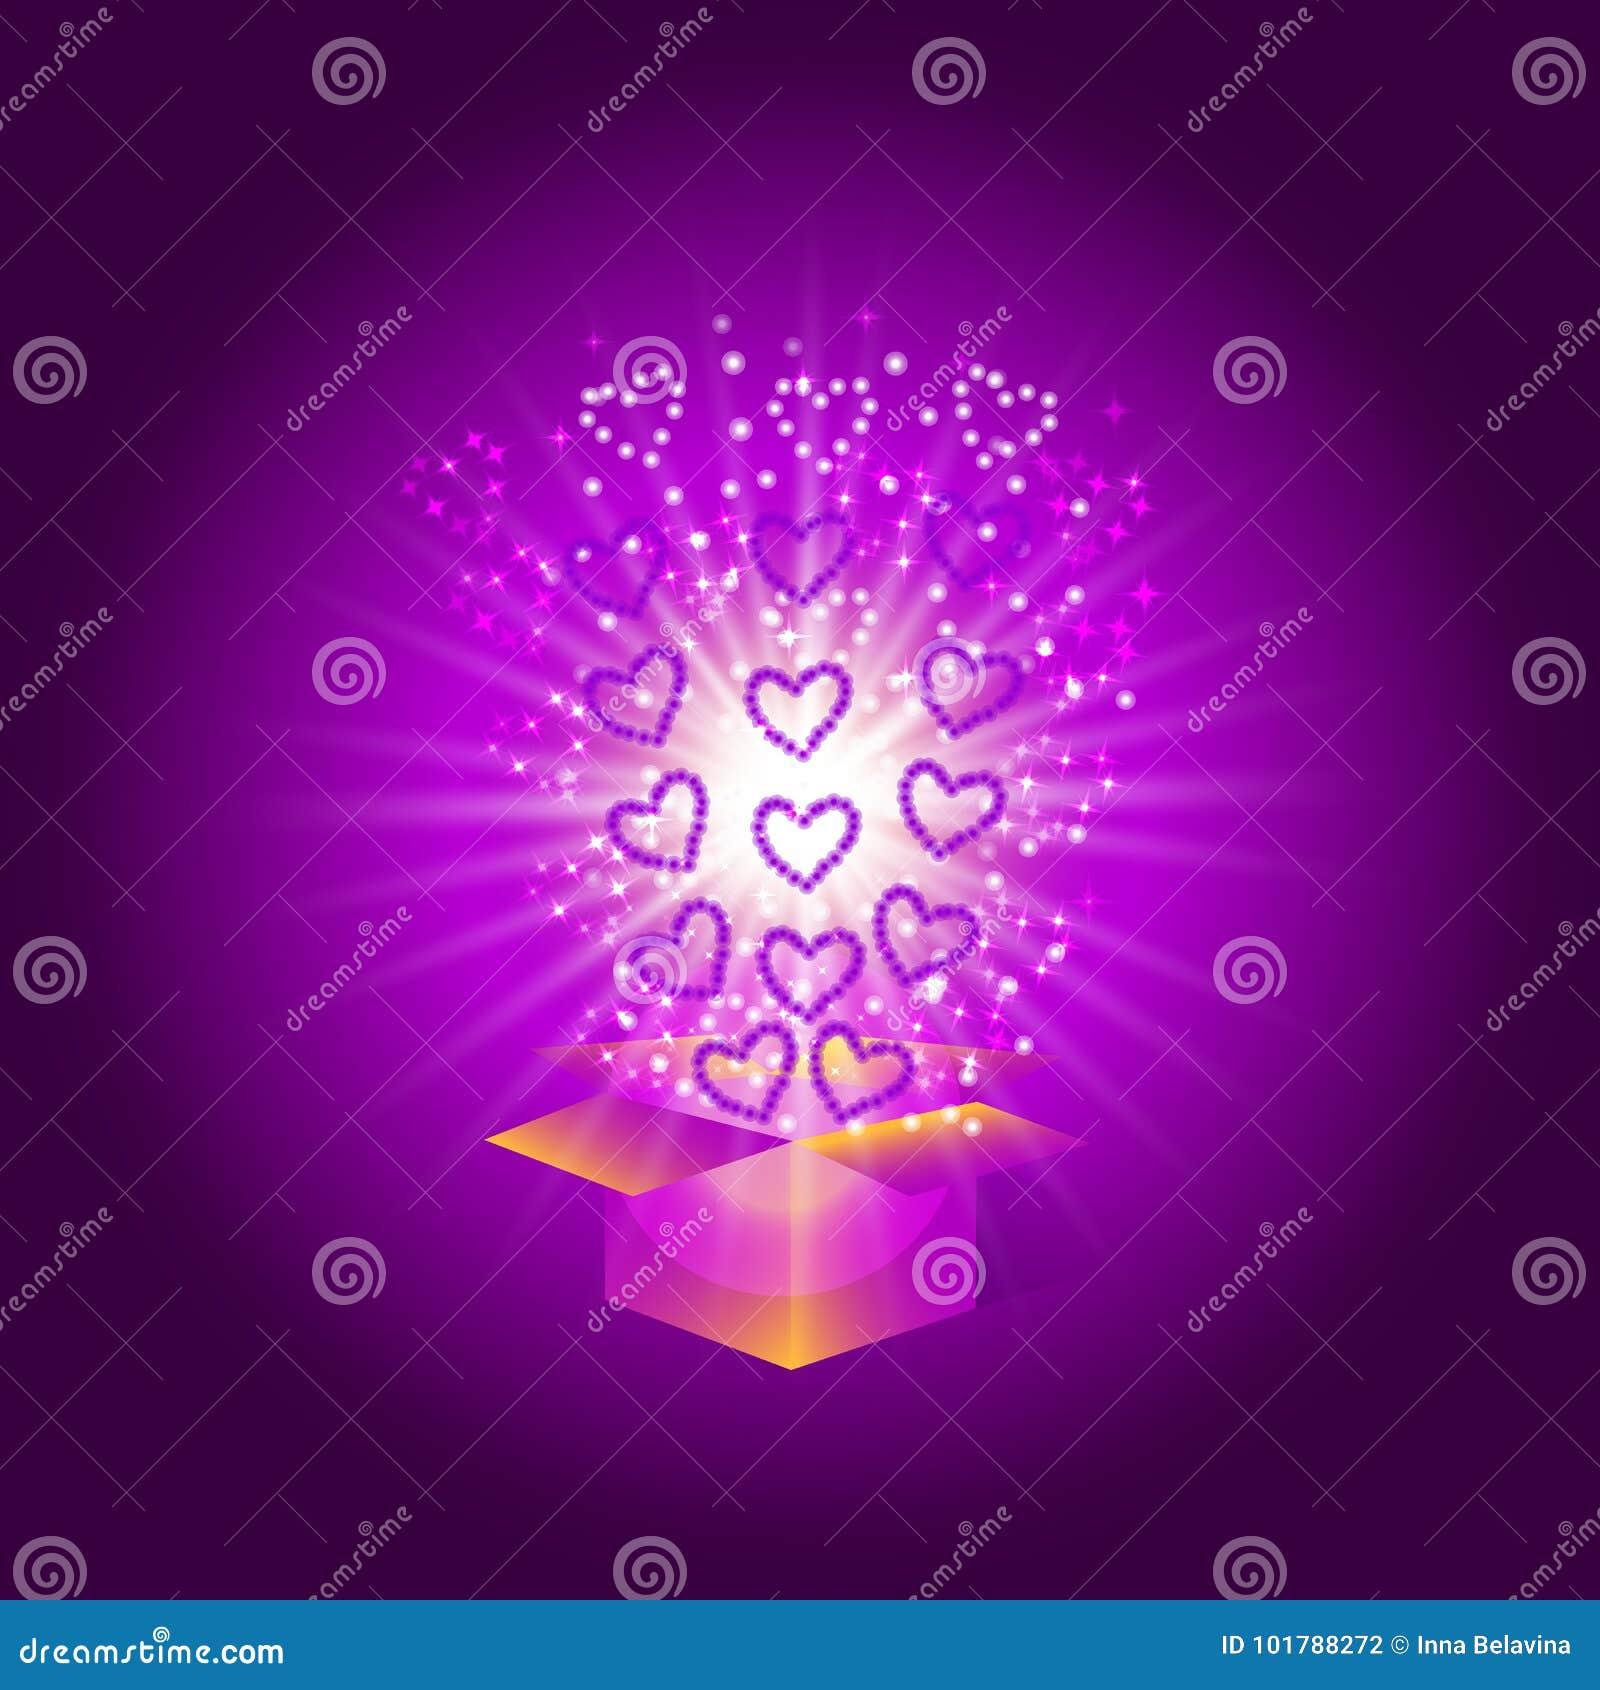 Geschenkkasten mit roten Inneren Magischer Hintergrund mit einer Überraschung Erfüllung von Wünschen Illustration in den violette